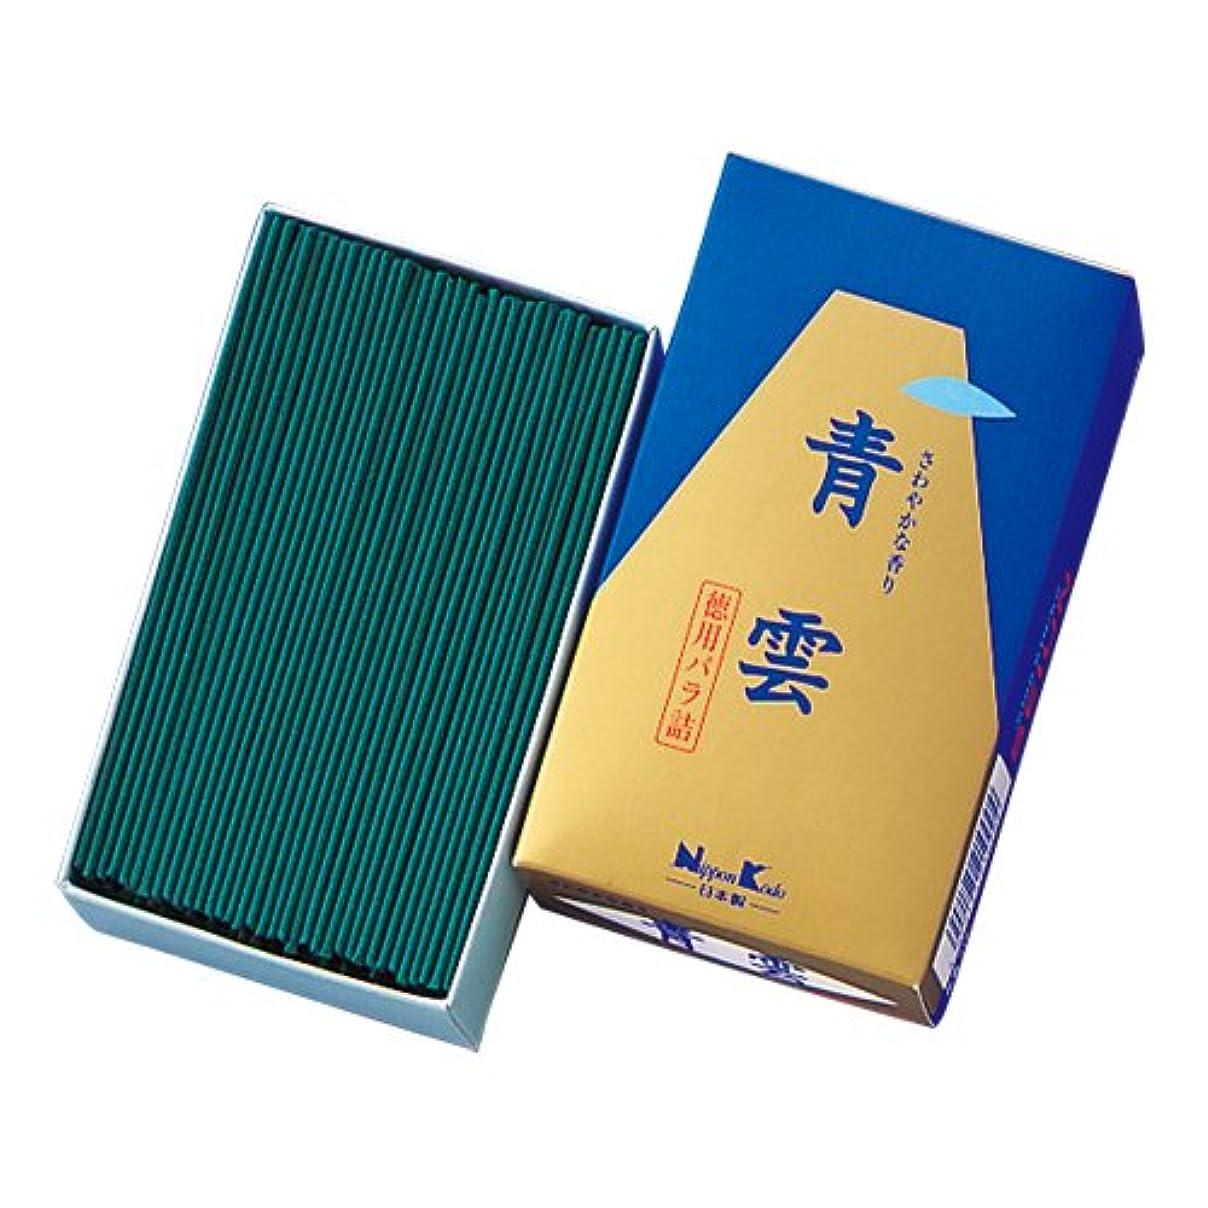 祝福ネイティブ正当化する青雲 徳用バラ詰 (約157g)